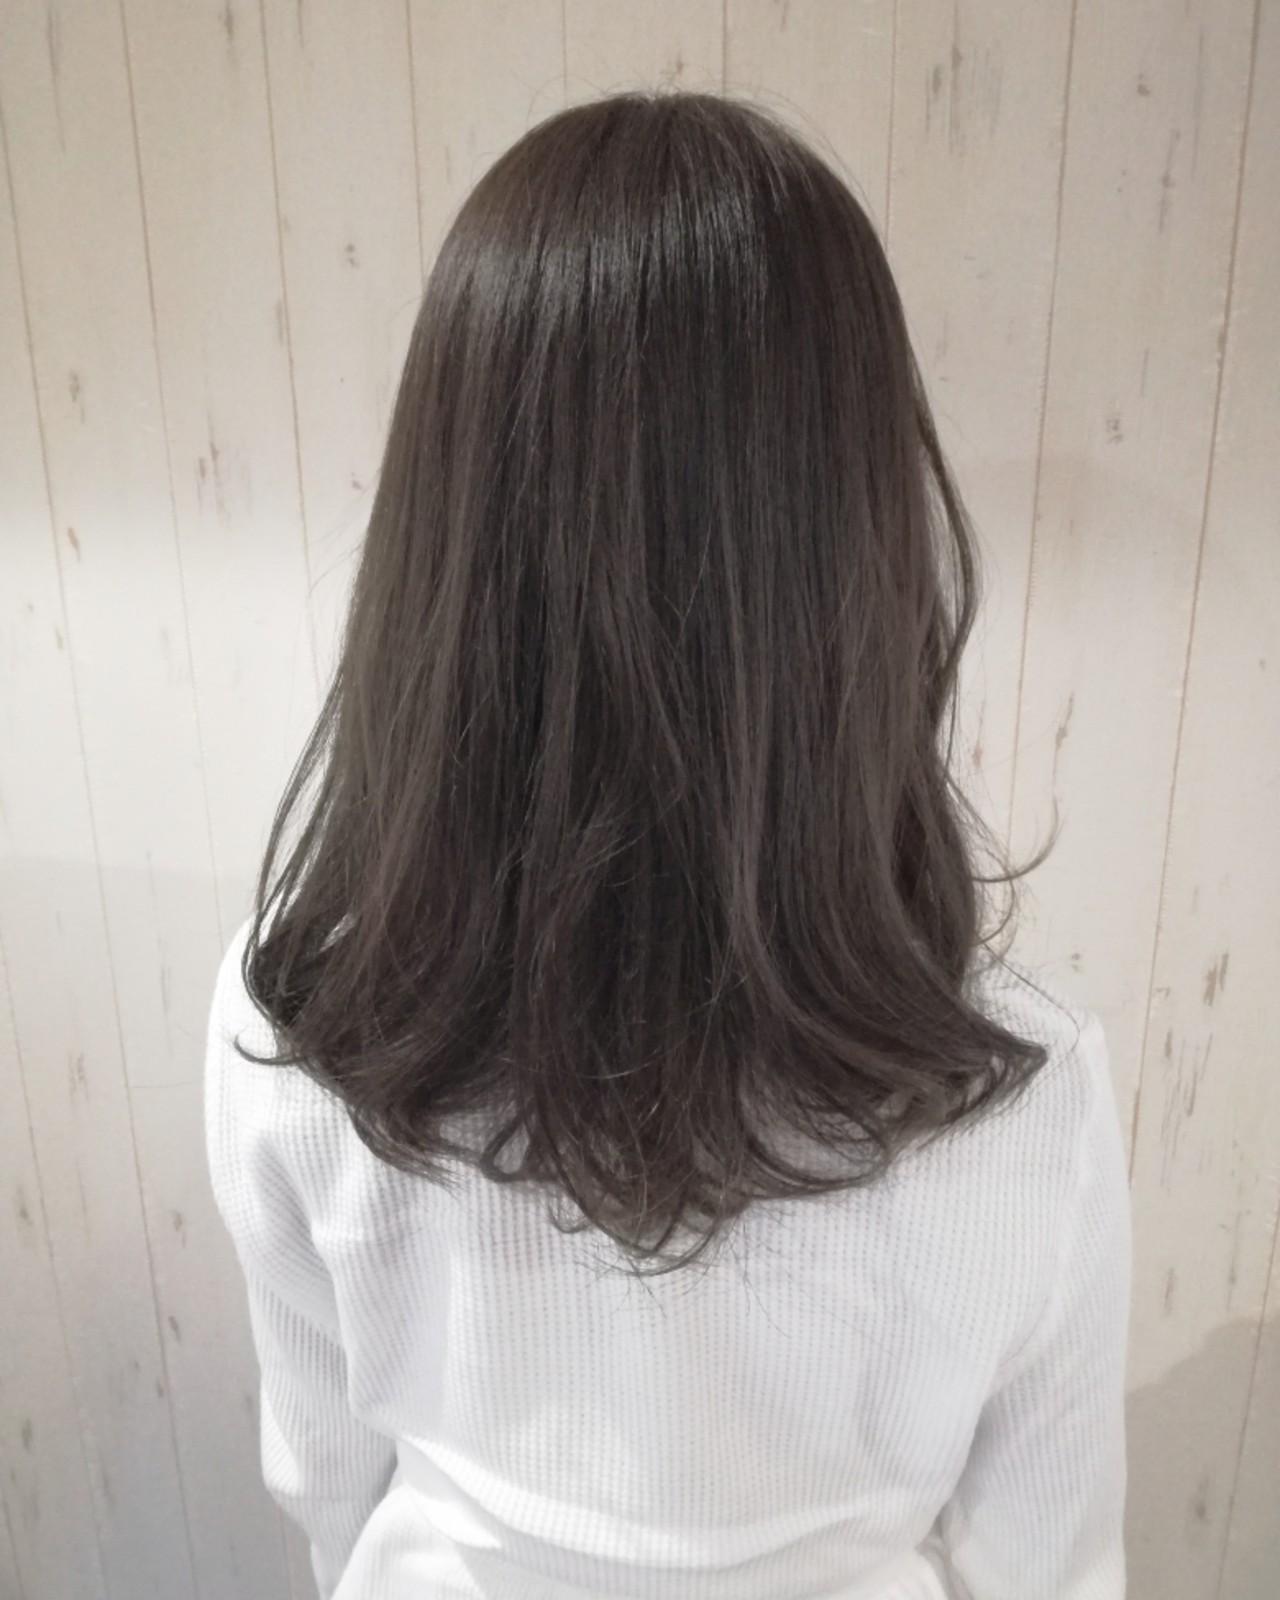 セミロング 暗髪 ナチュラル アッシュグレー ヘアスタイルや髪型の写真・画像 | 西川 敏夫 / Any